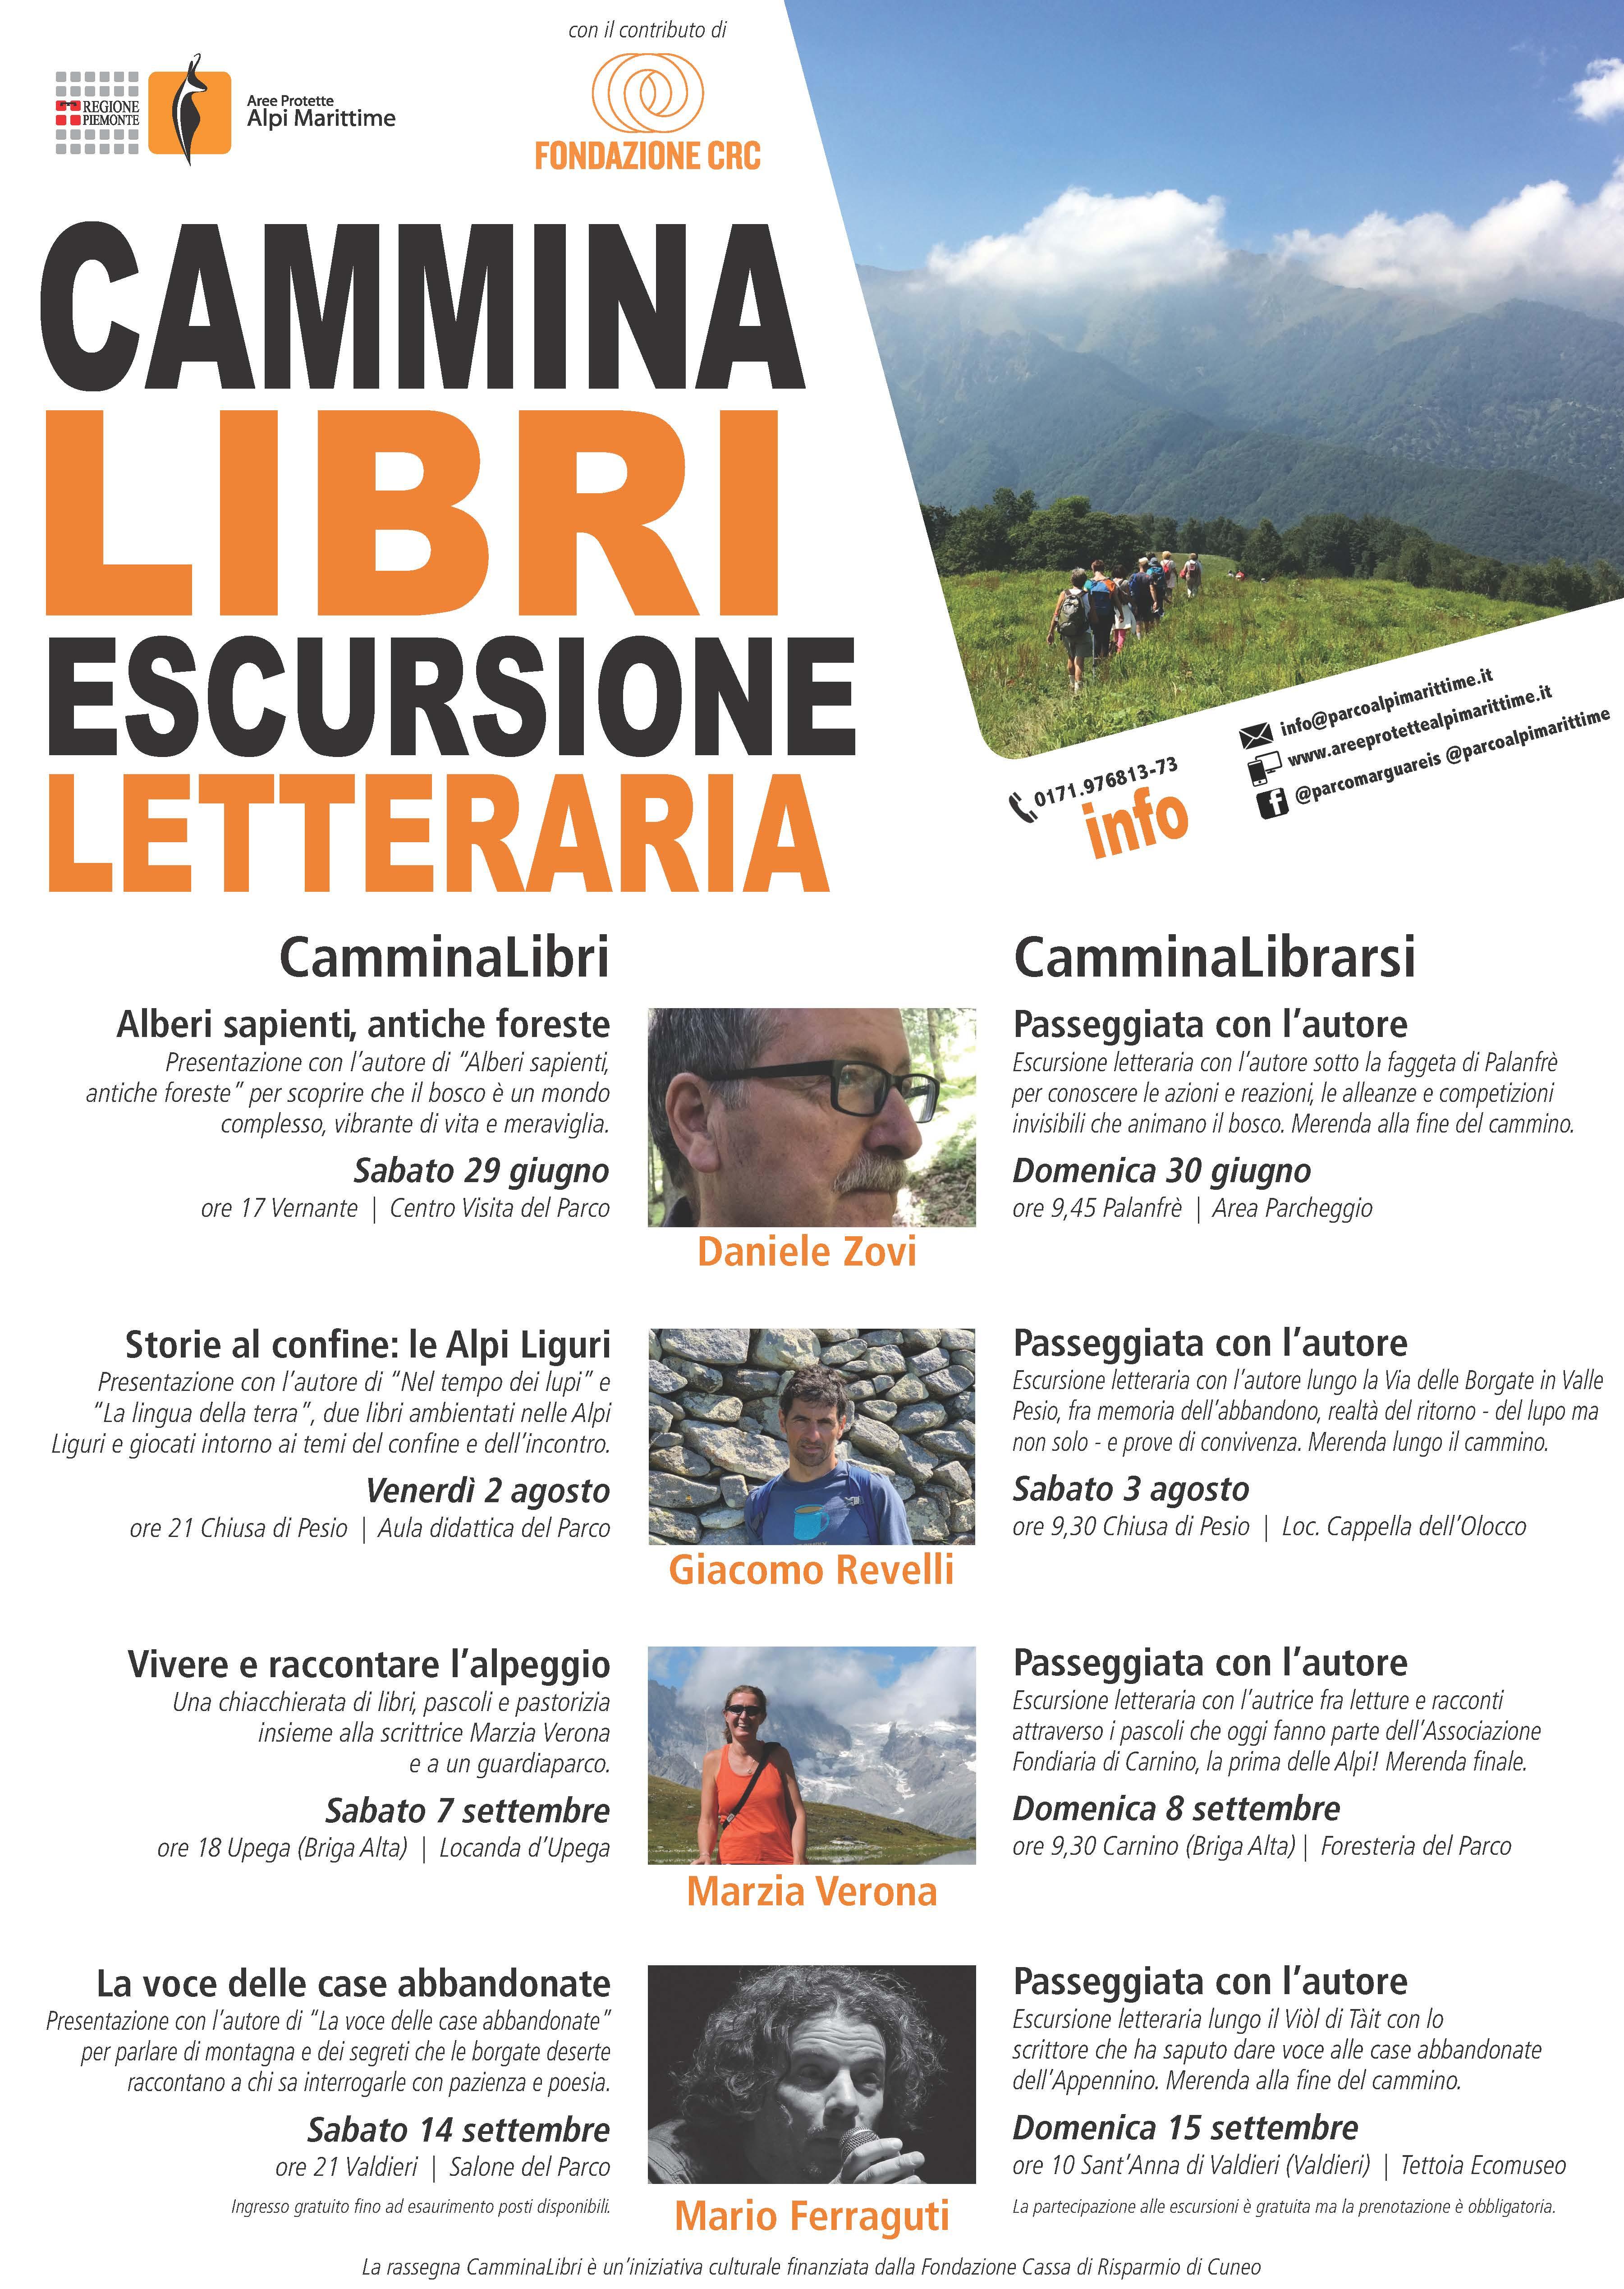 VALDIERI: Cammina Libri 2019 con Mario Ferraguti a Sant'Anna